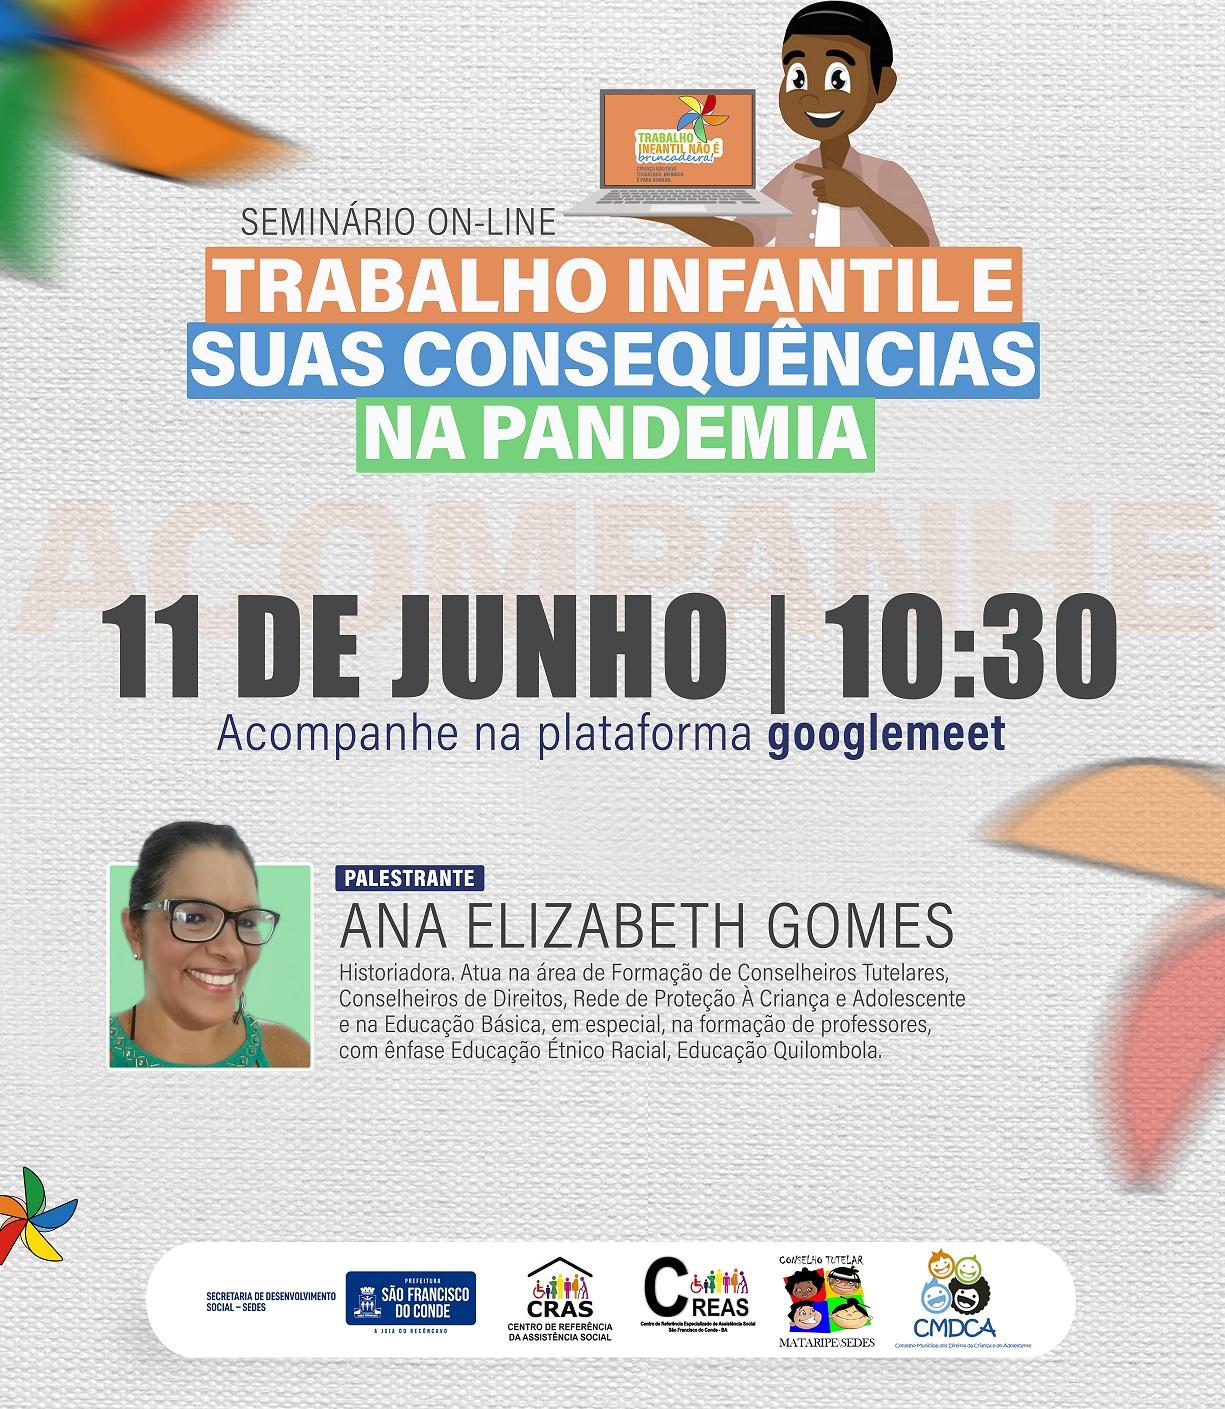 Dia Mundial contra o Trabalho Infantil será lembrado com seminário on-line